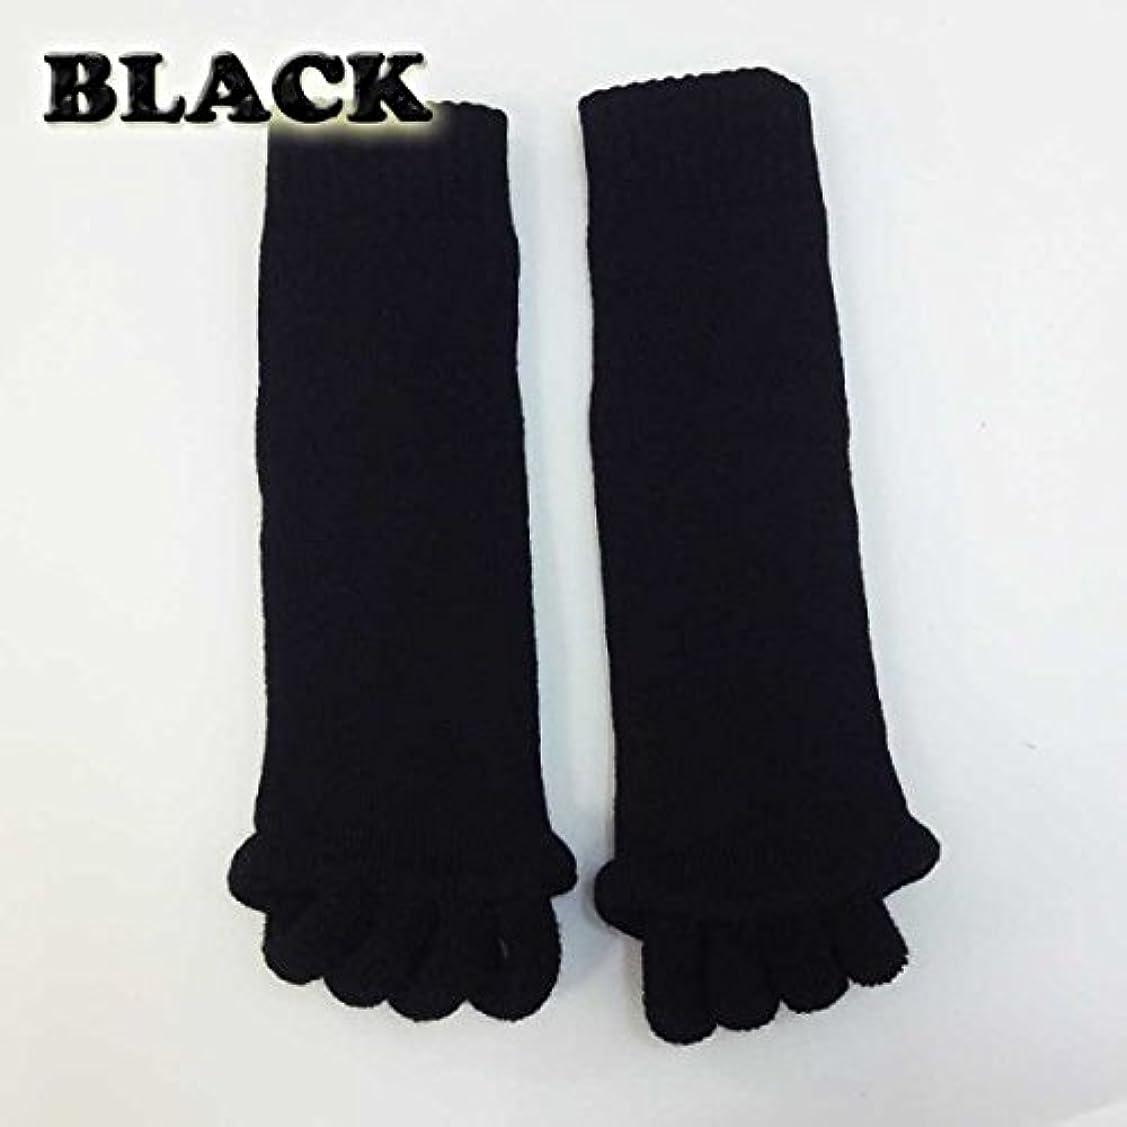 化学促進するさせる足指開きソックス (左右1組) 履くだけ 簡単 フットケア リラックス むくみ (ブラック)